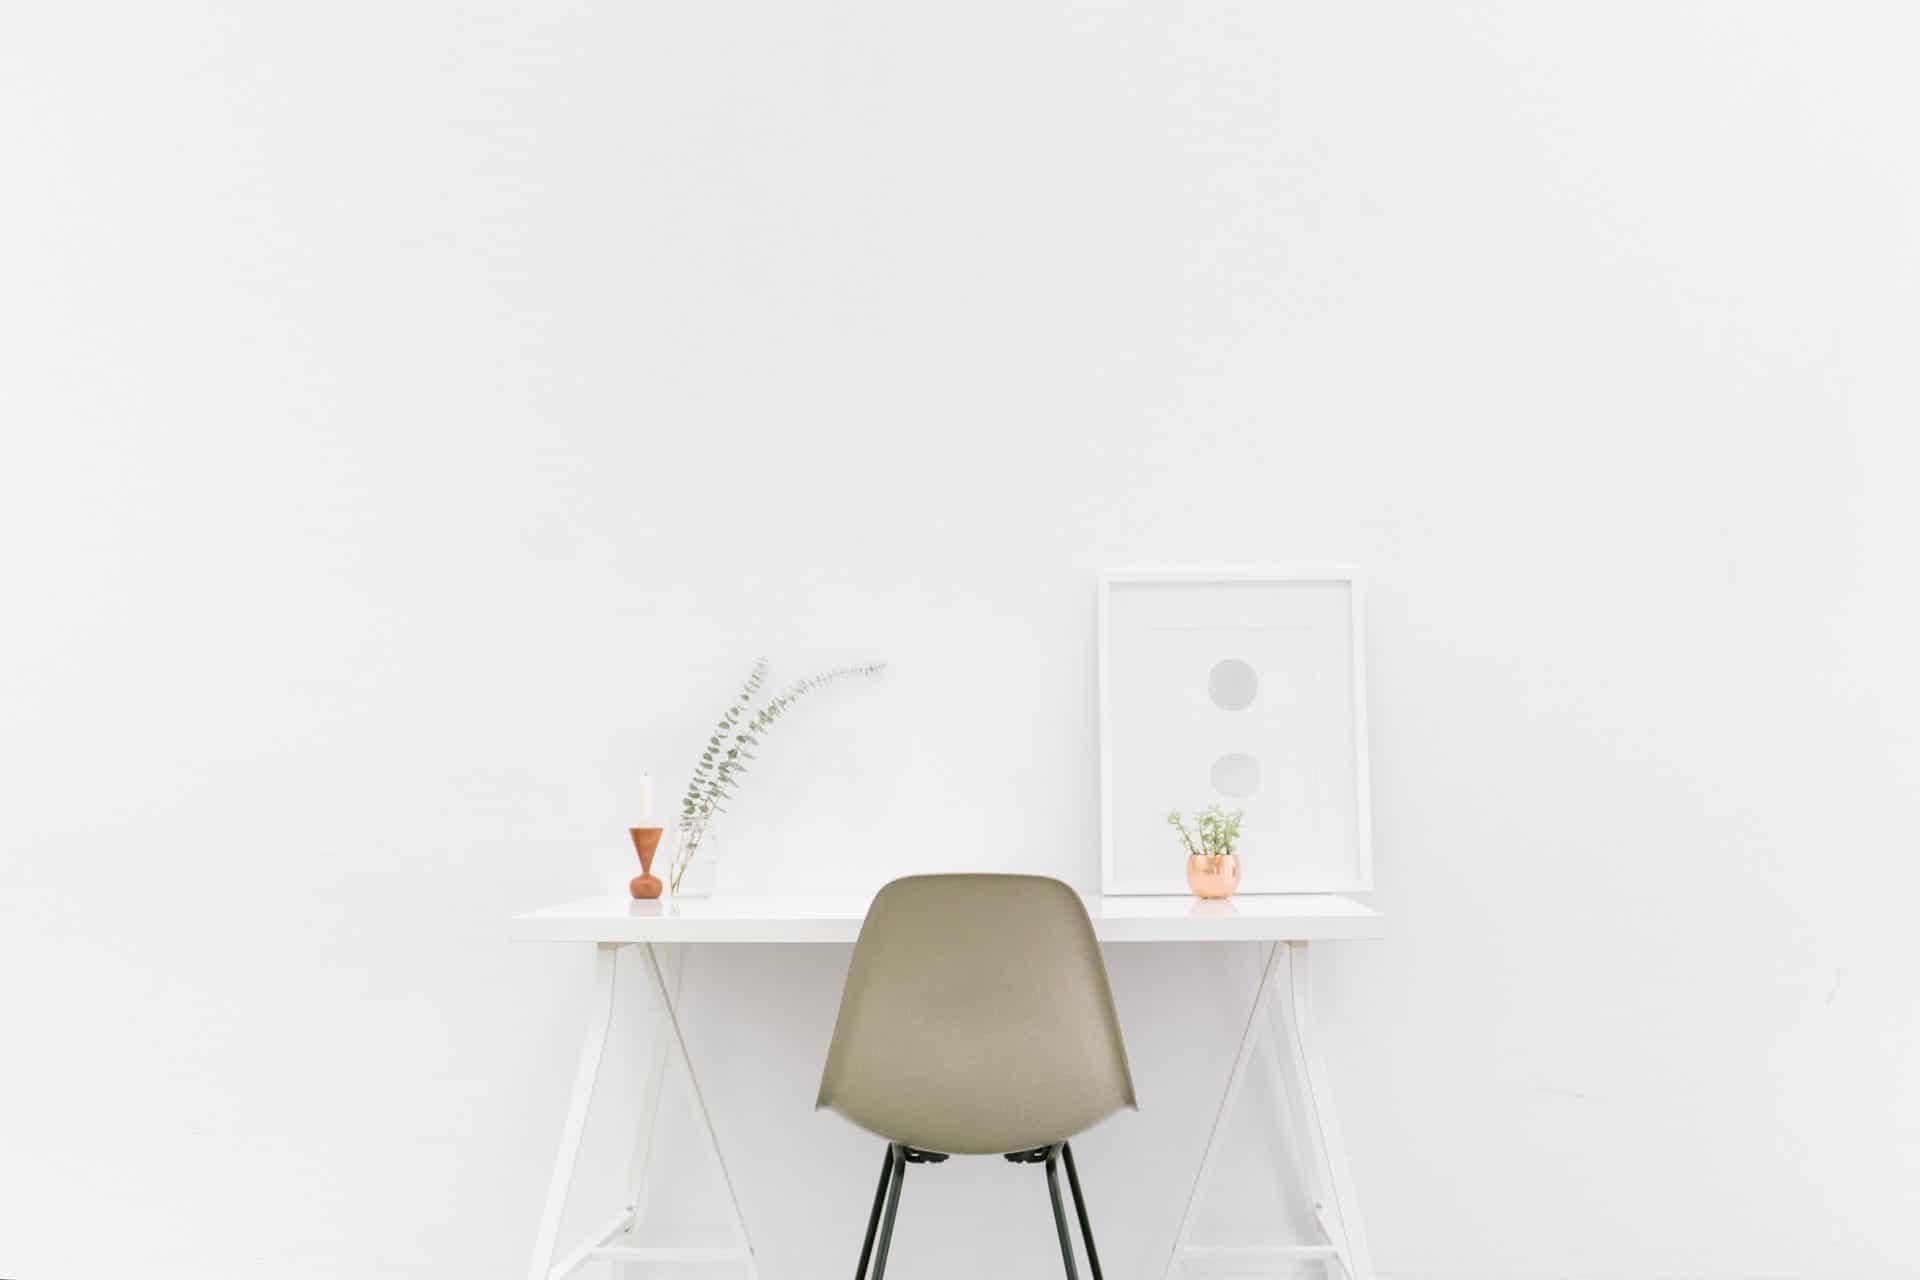 Couleur Apaisante Pour Bureau quelle couleur choisir pour les murs du bureau ? - mediacritik